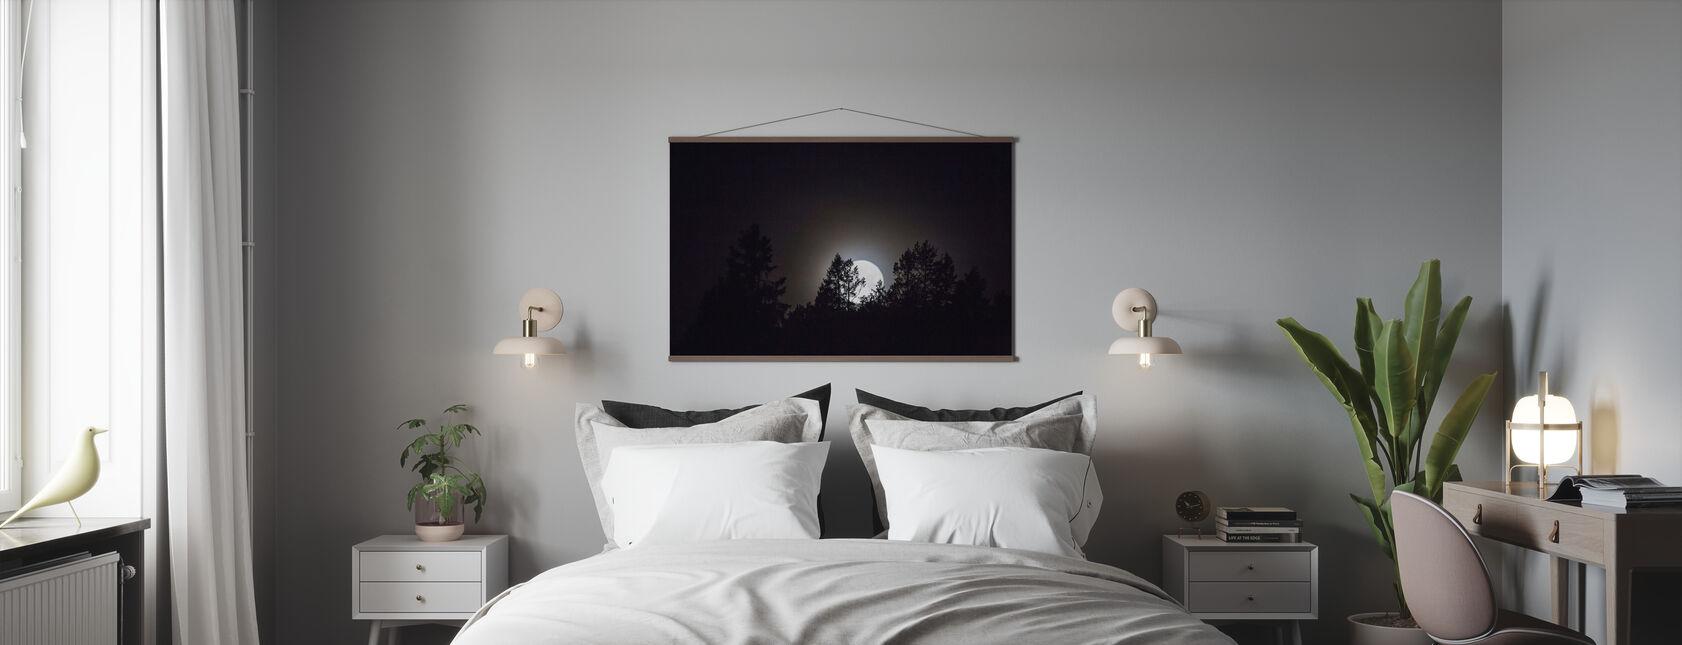 Måneskinn over Medelpad, Sverige, Europa - Plakat - Soverom